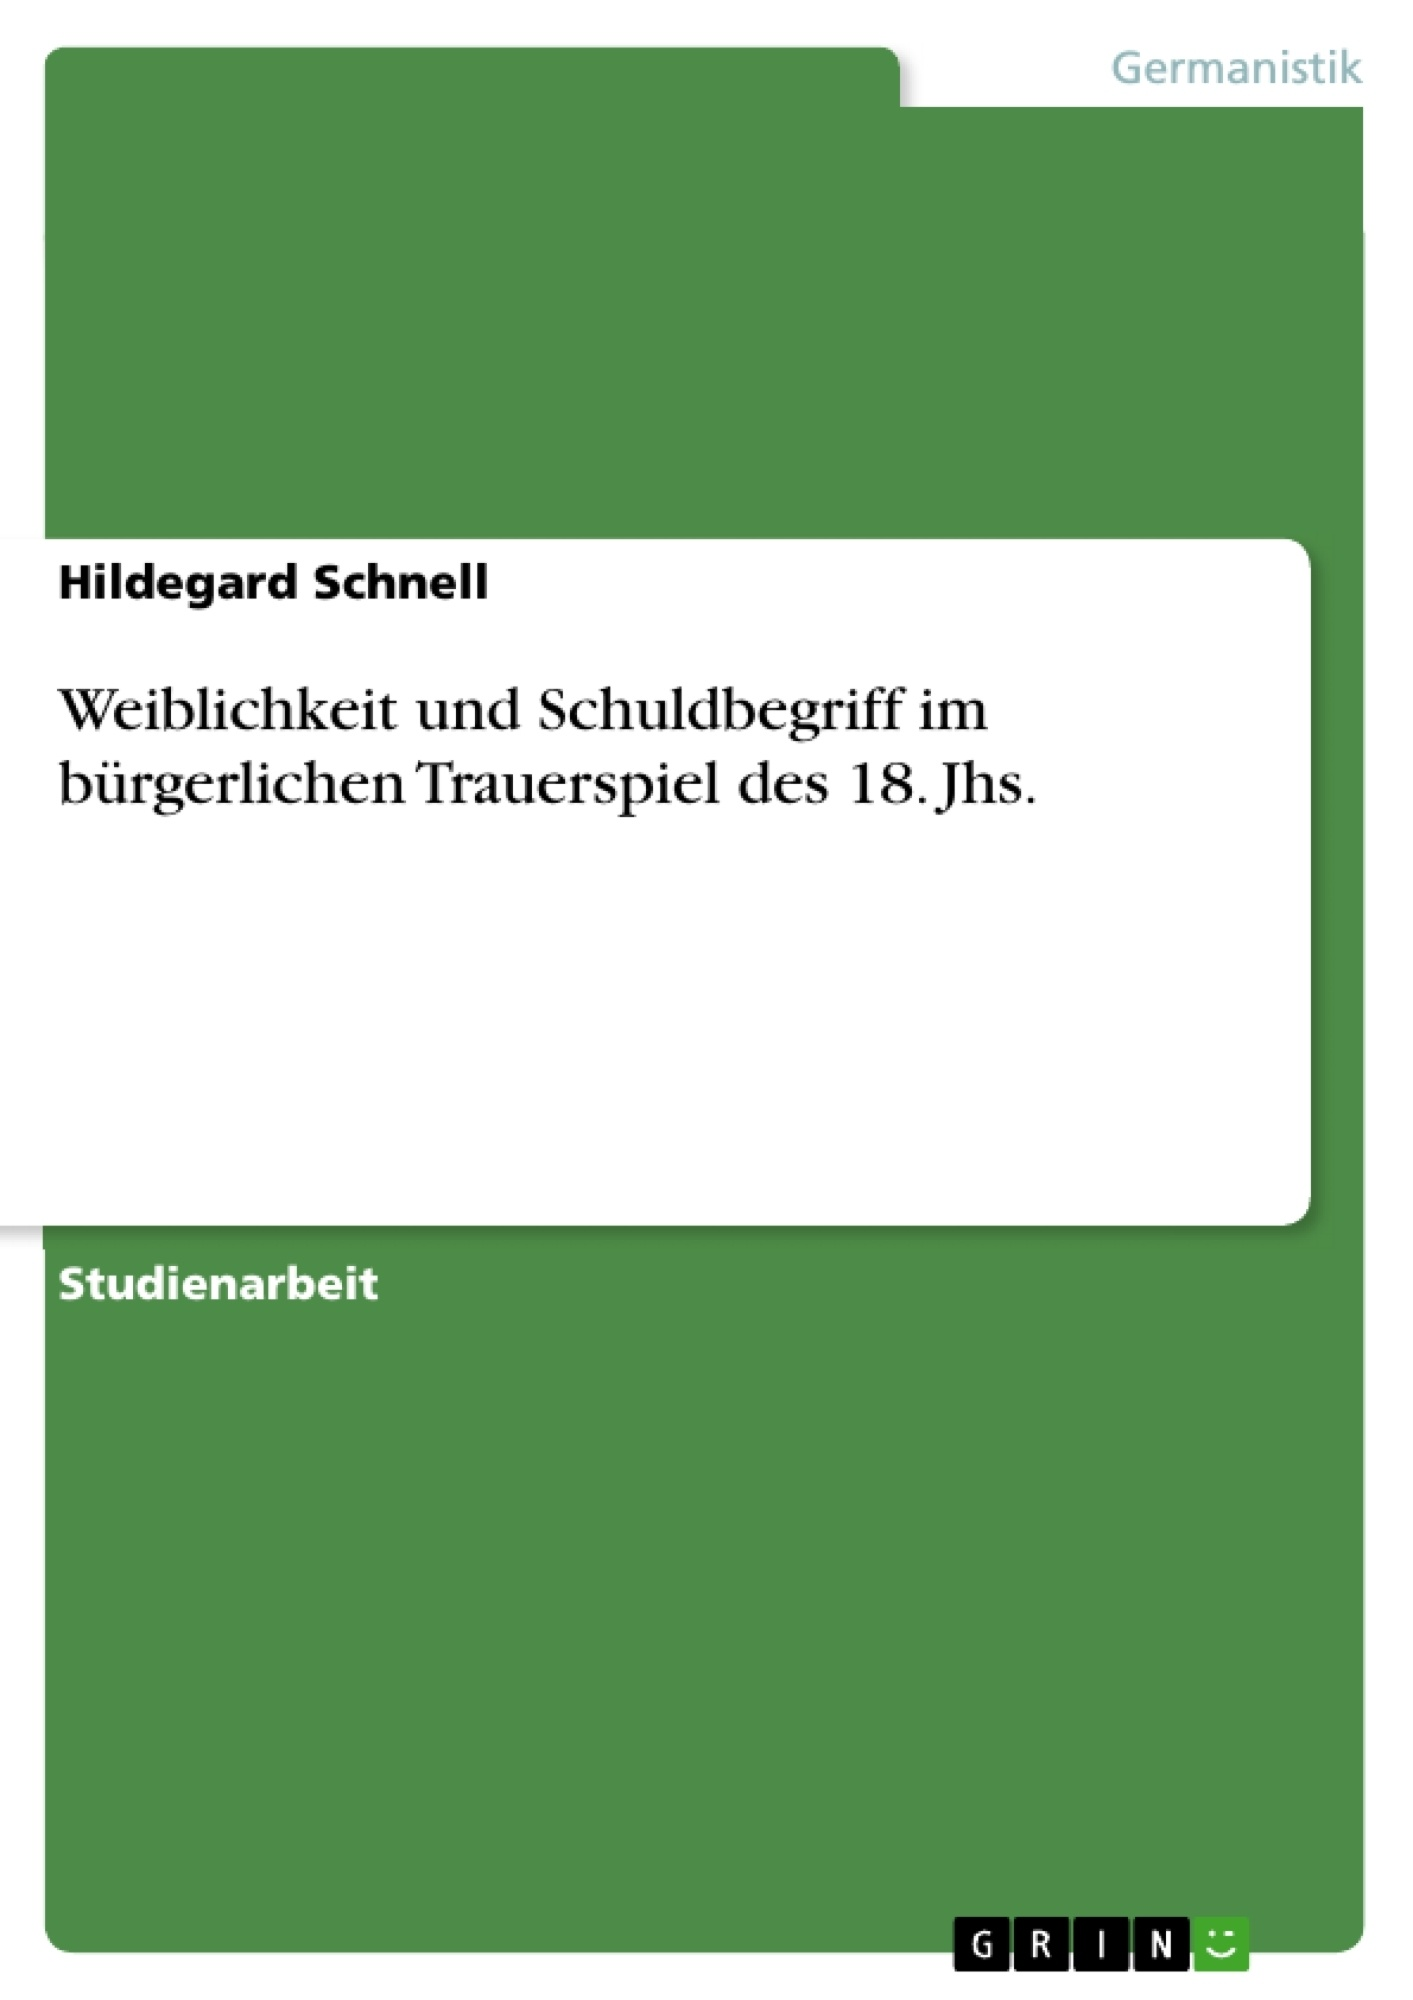 Titel: Weiblichkeit und Schuldbegriff im bürgerlichen Trauerspiel des 18. Jhs.